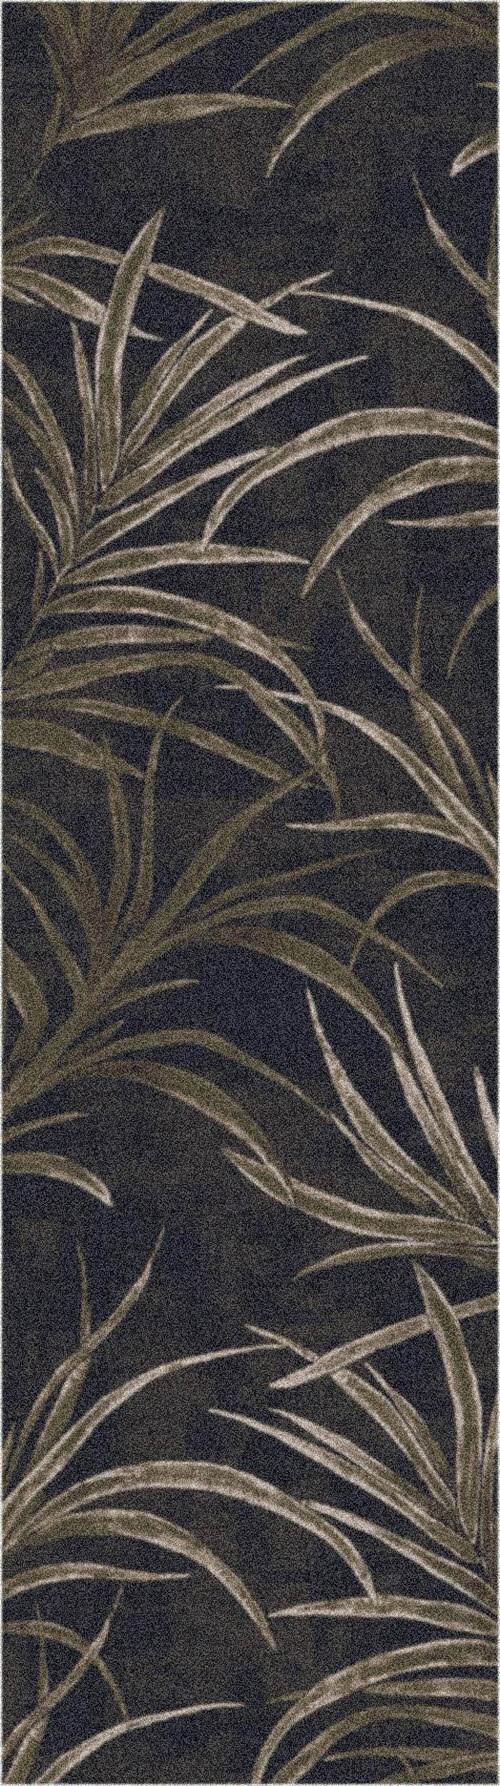 Ebony (24)  Floral / Botanical Area Rug